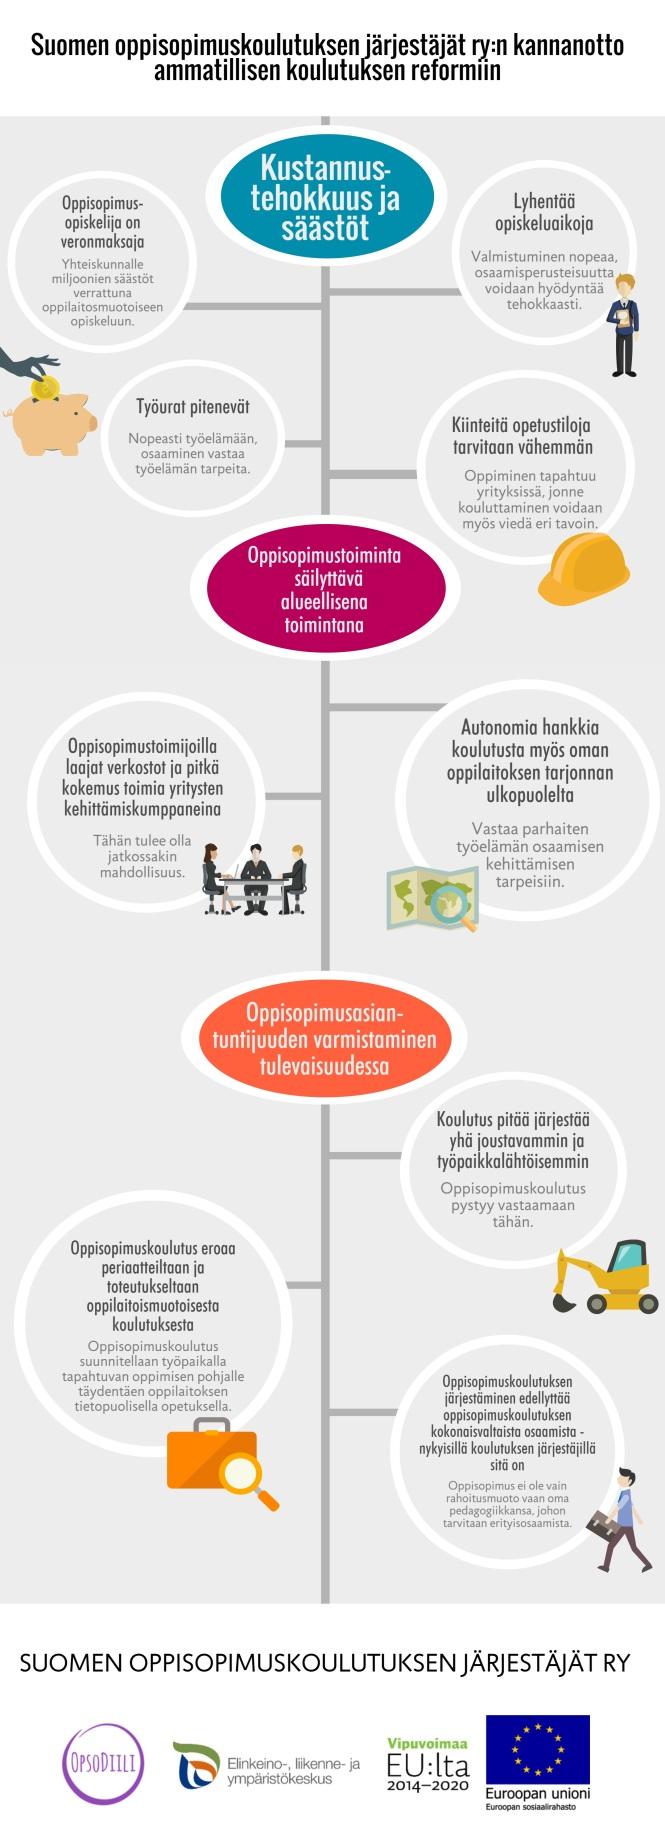 Opsoryn_kannanotto_reformiin